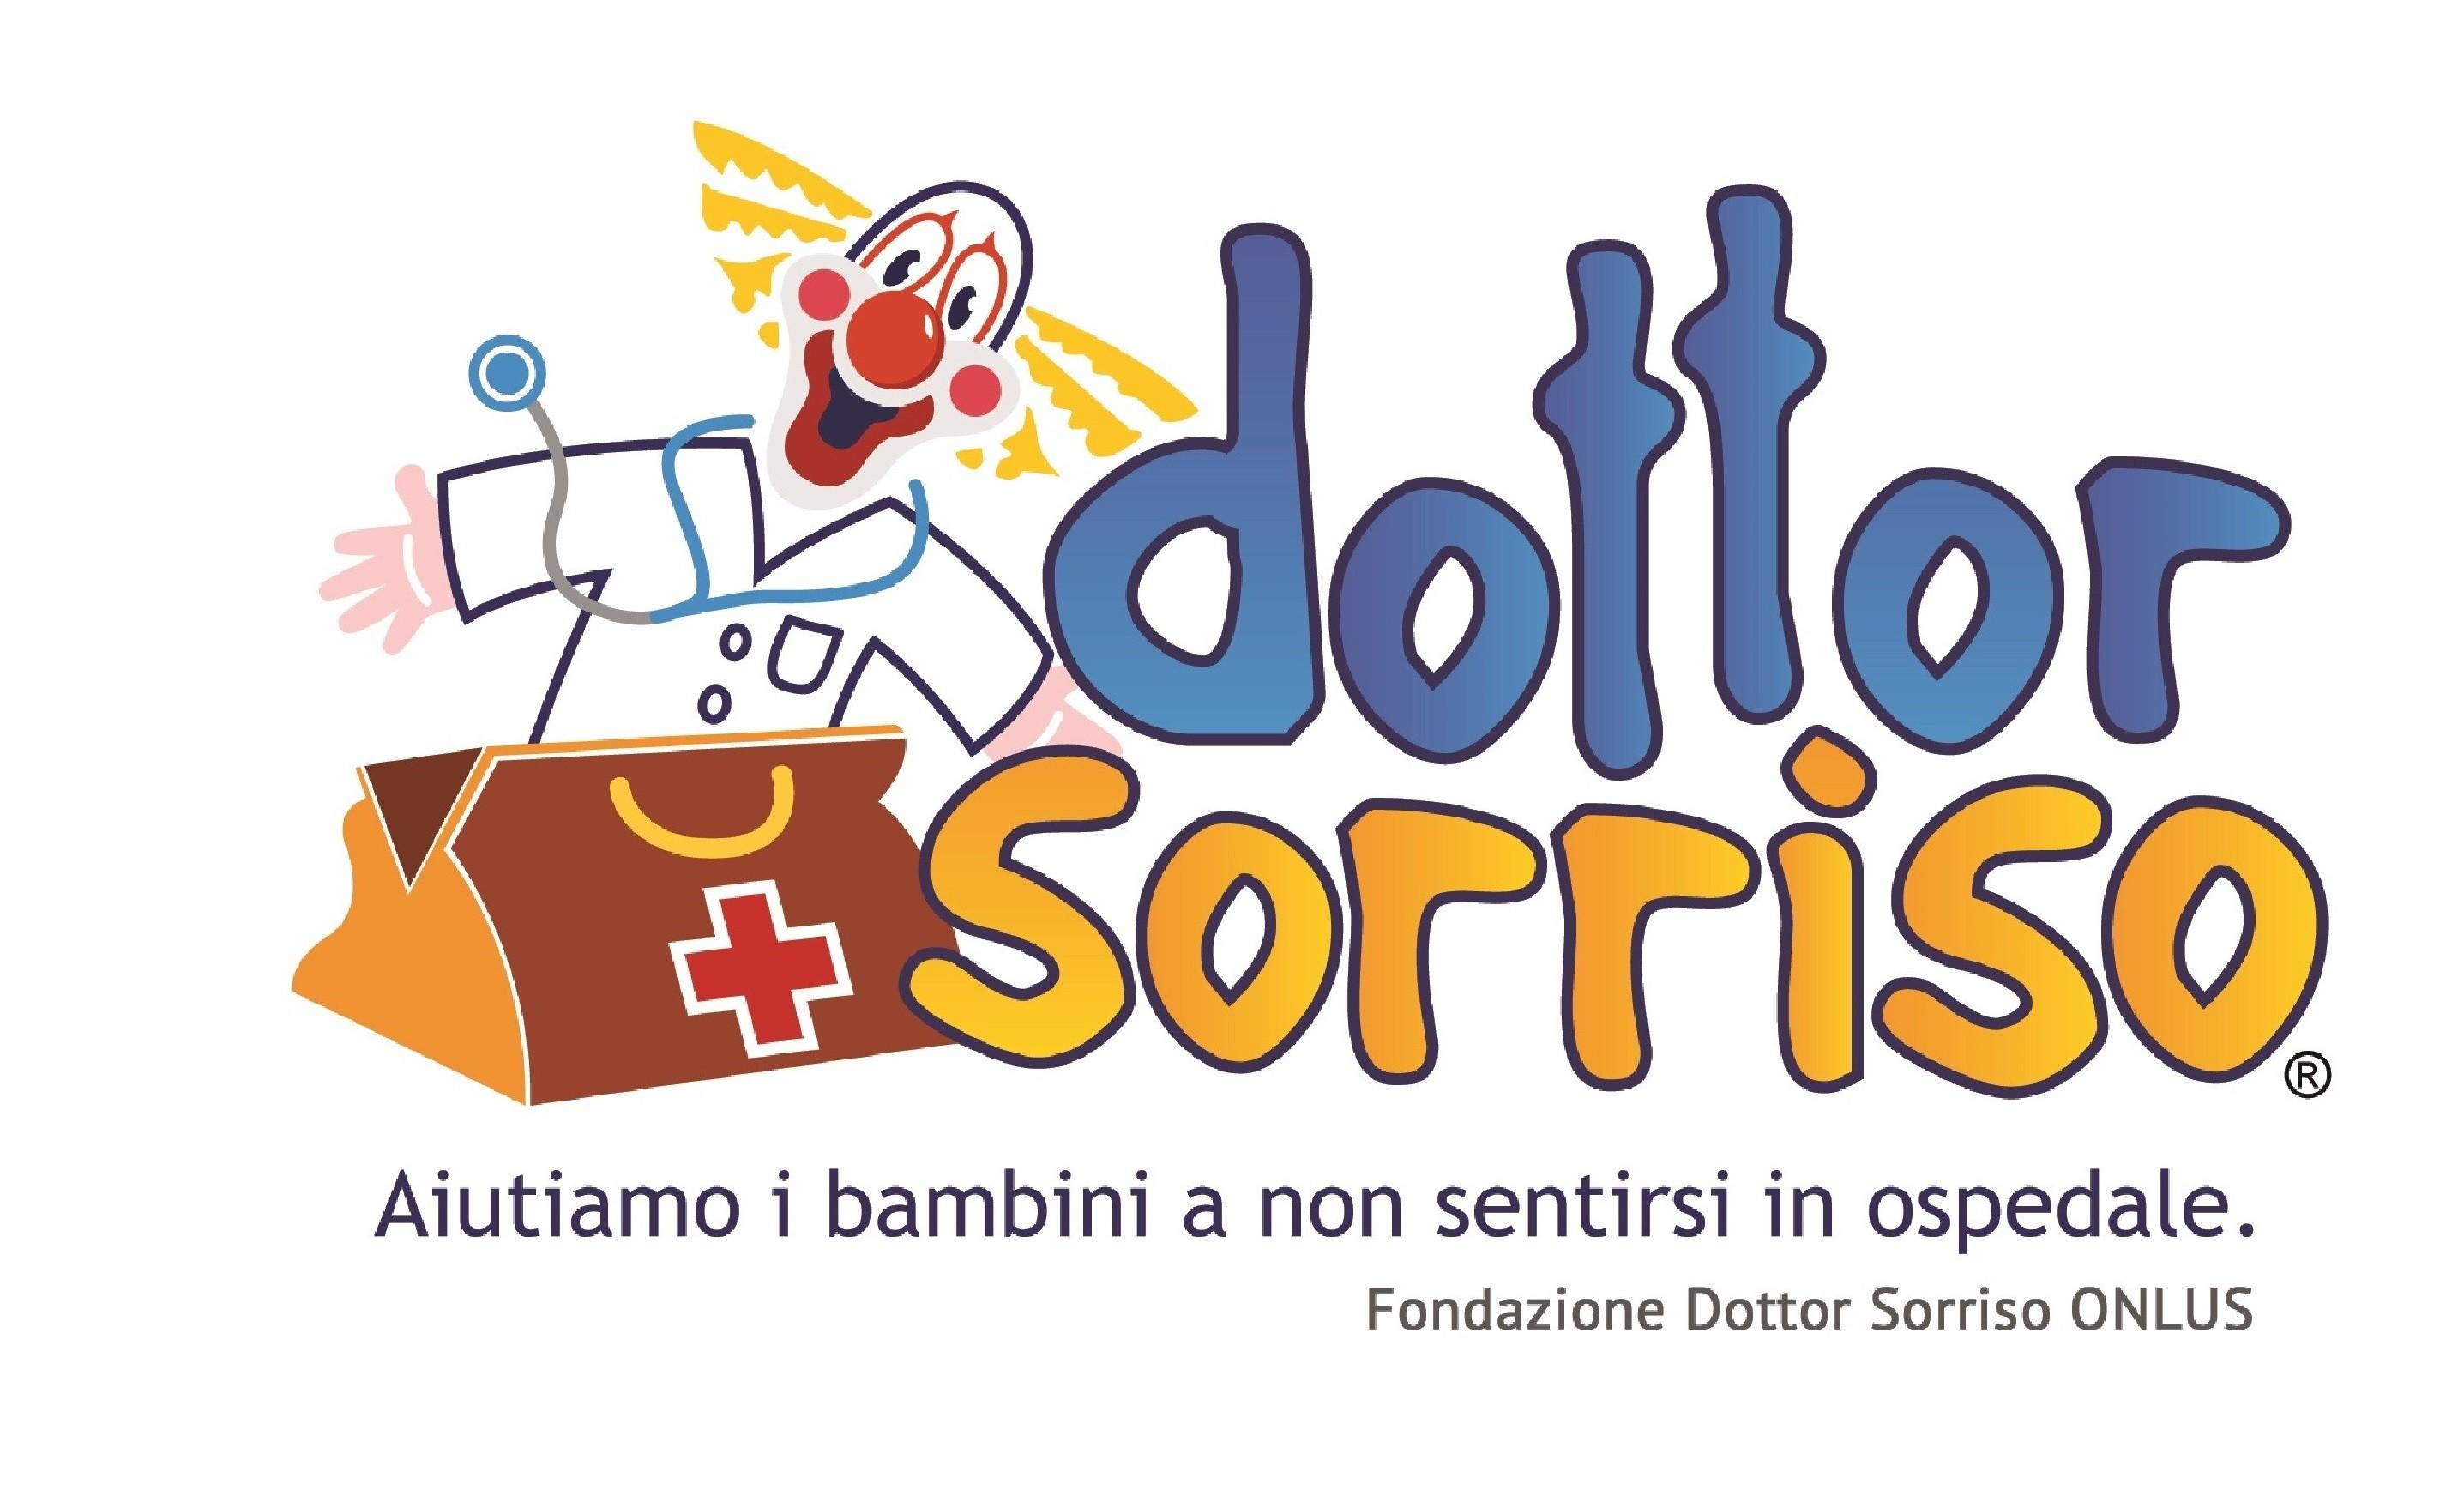 Fondazione Dottor Sorriso Onlus